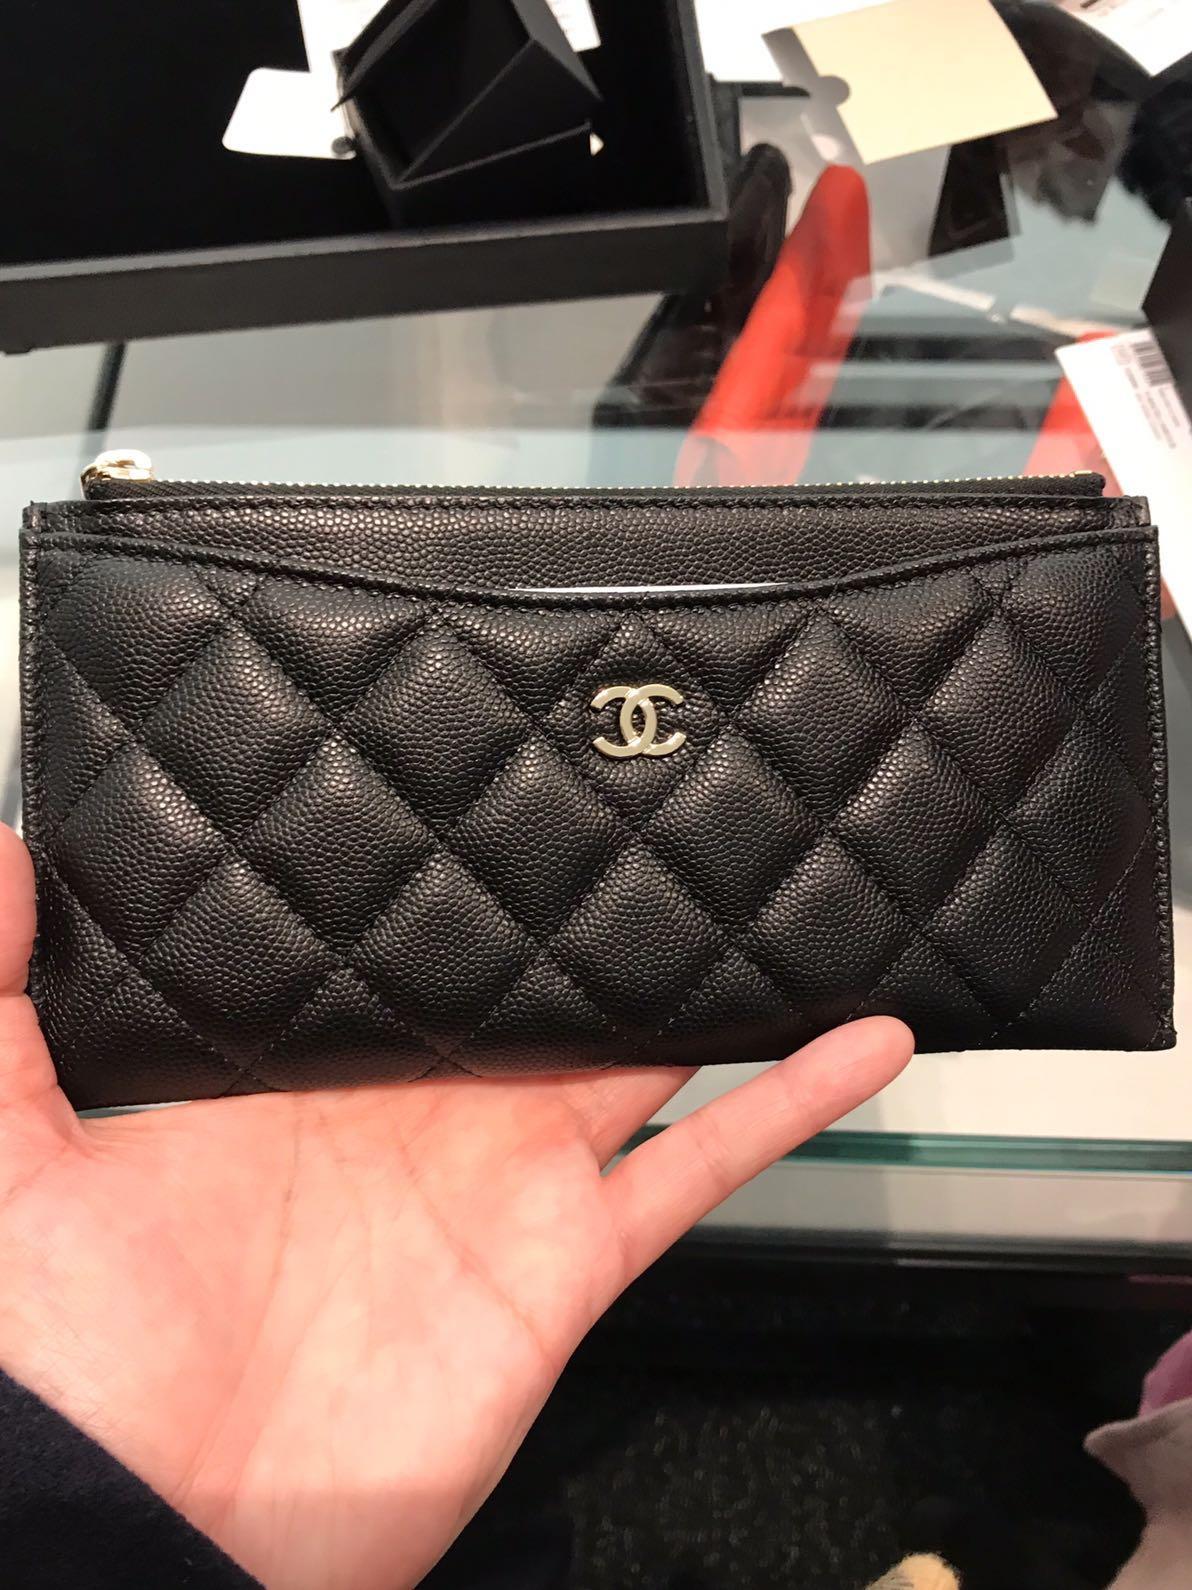 829e79c60231 Chanel flat wallet in caviar, Luxury, Bags & Wallets, Wallets on ...